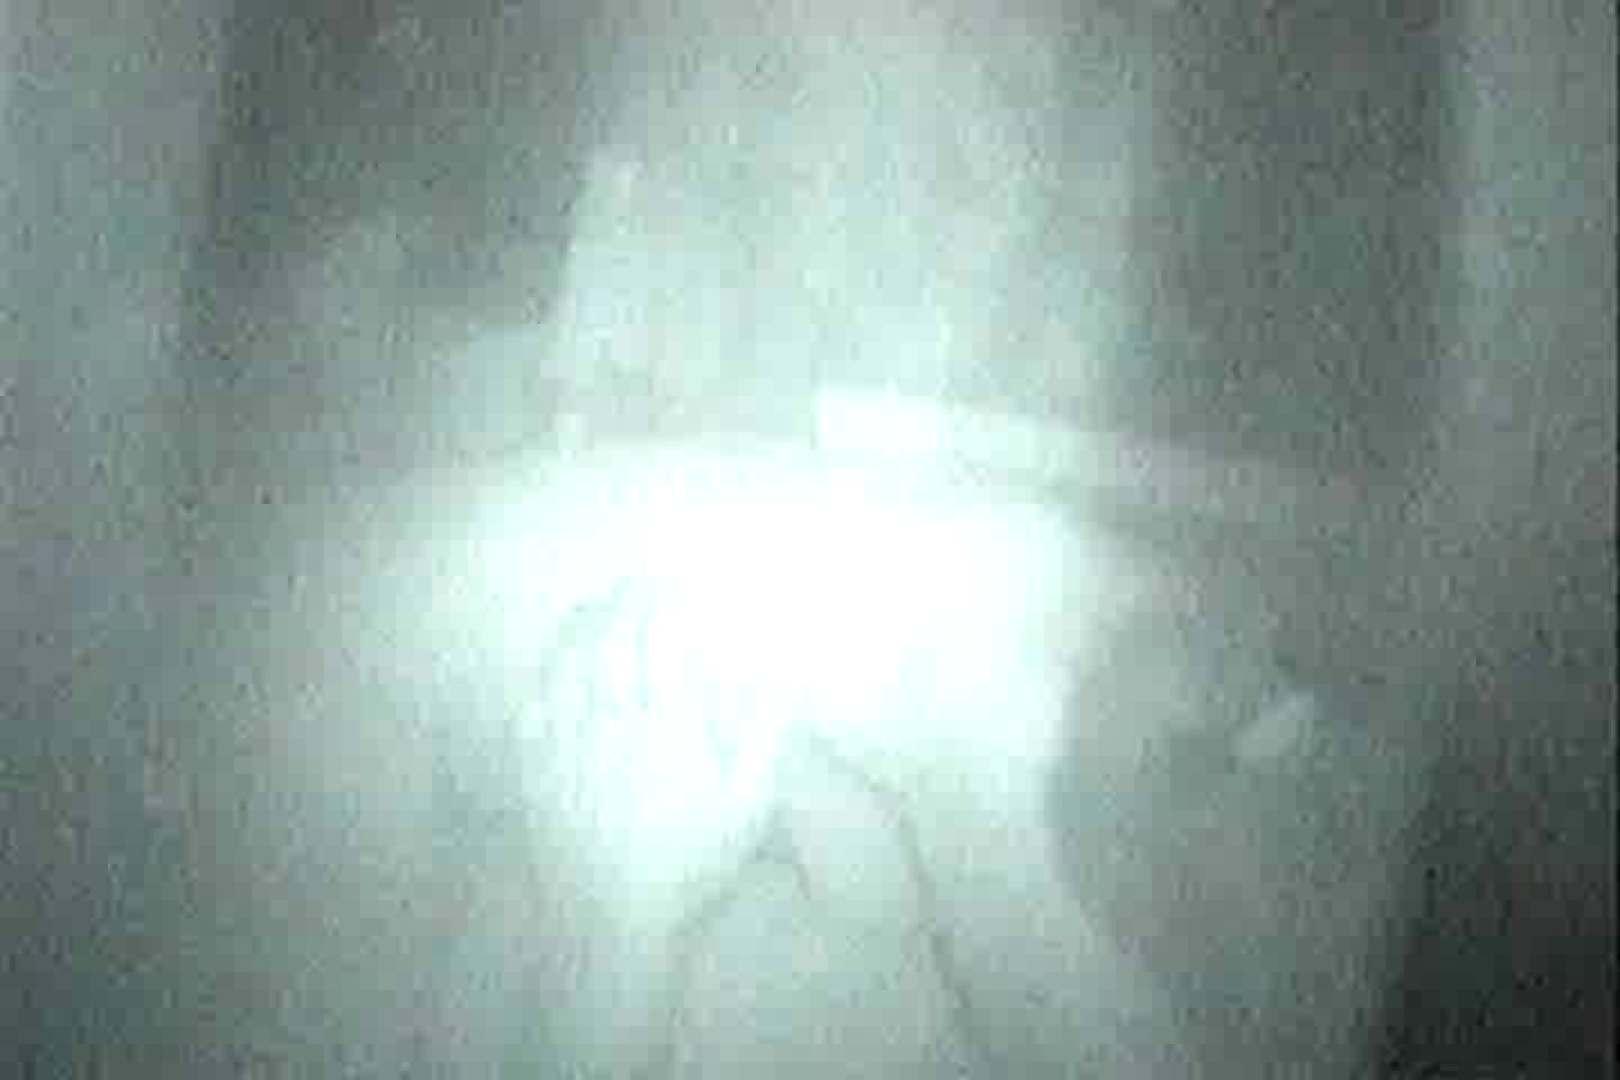 充血監督の深夜の運動会Vol.18 セックス 性交動画流出 55PIX 27